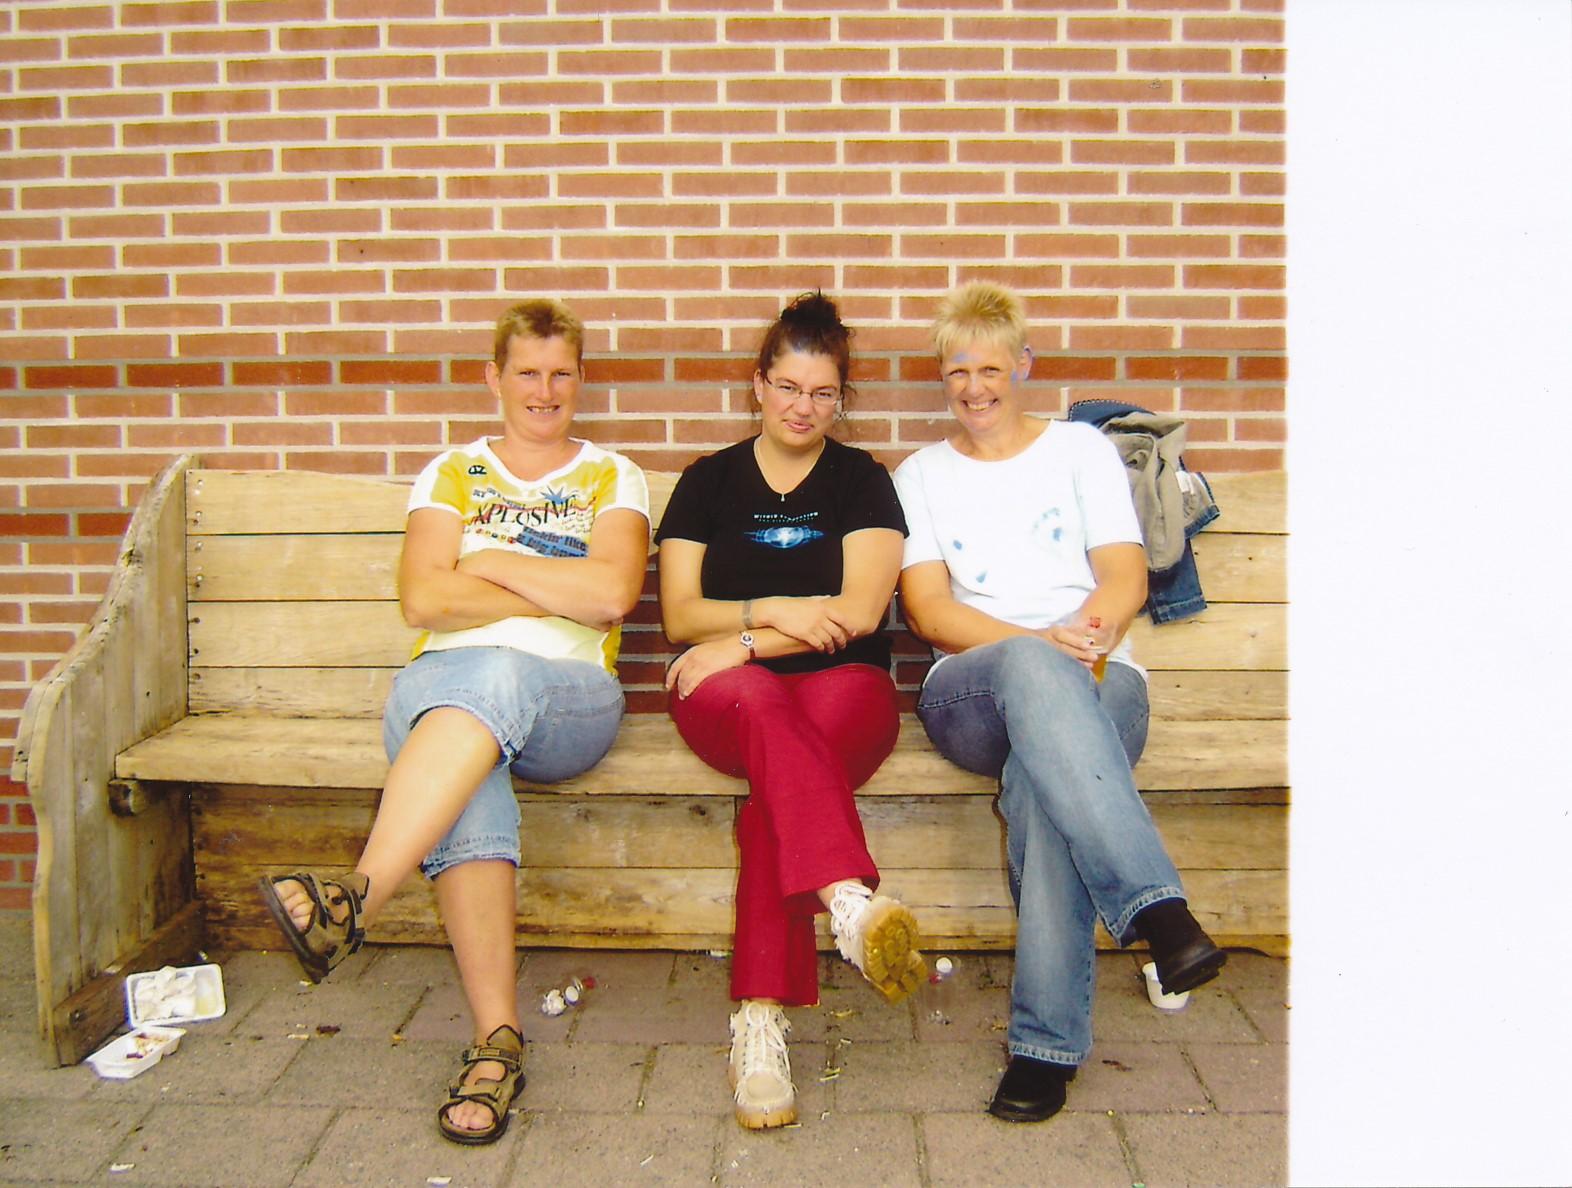 Fotoalbum Anneke Miedema, 003, Merke 2005